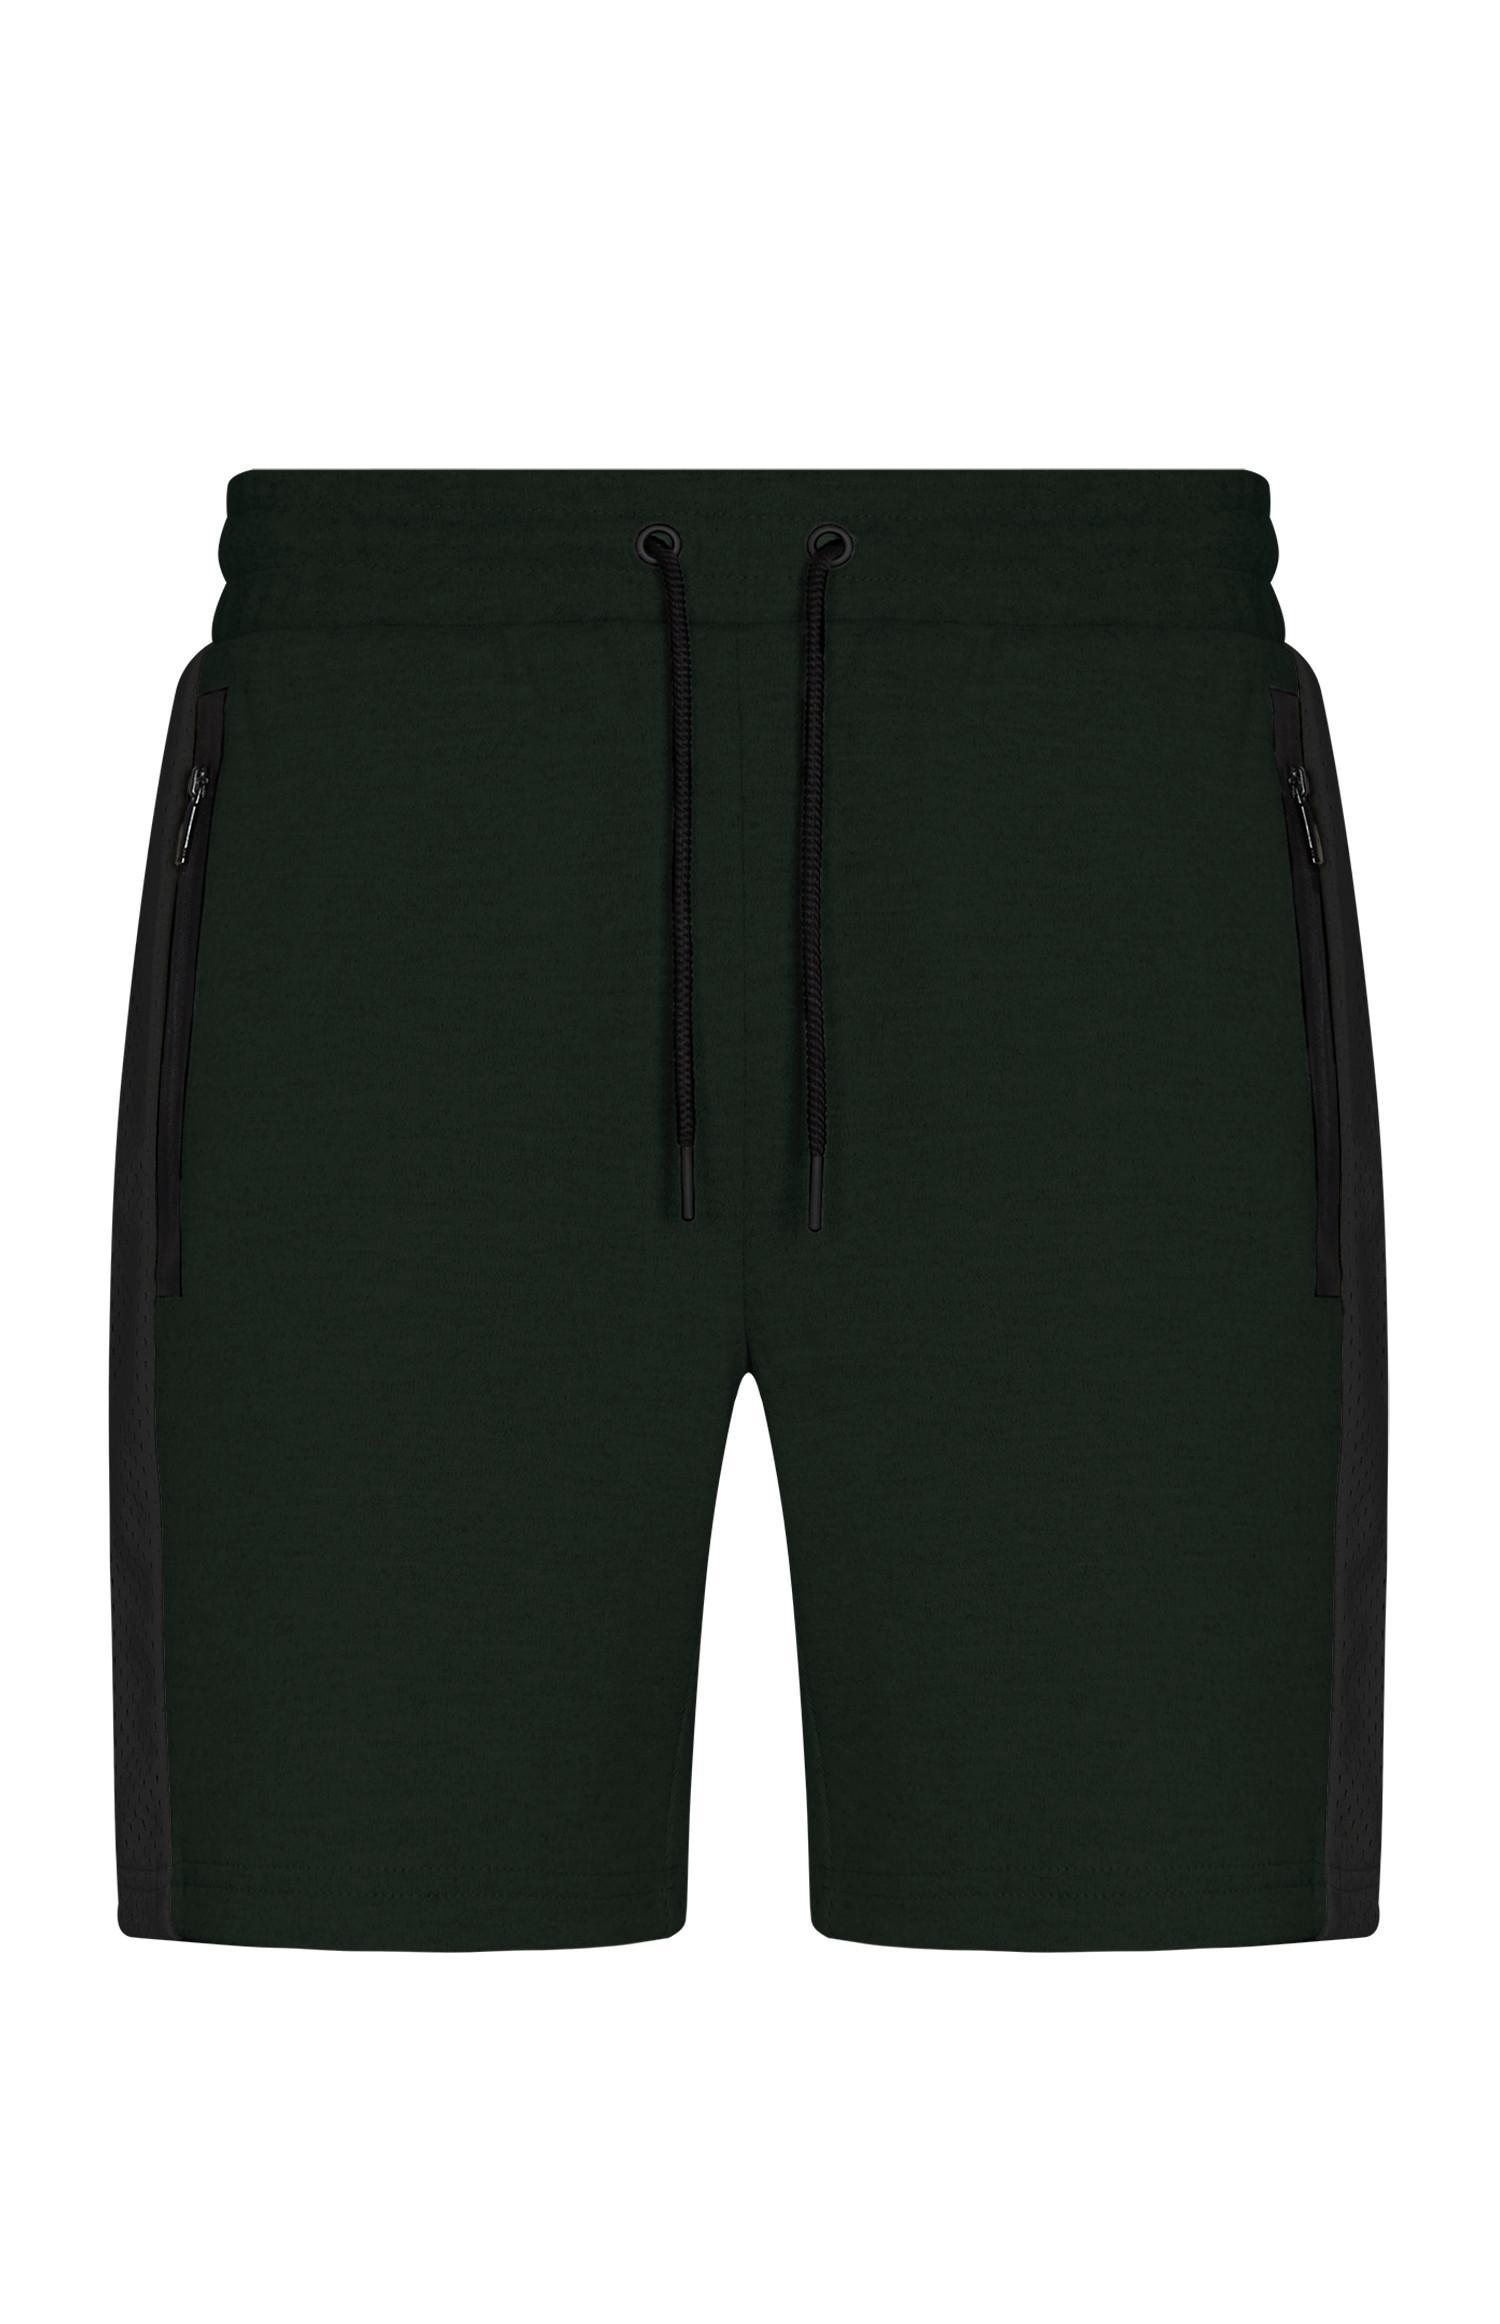 Khakifarbene Shorts aus Mesh